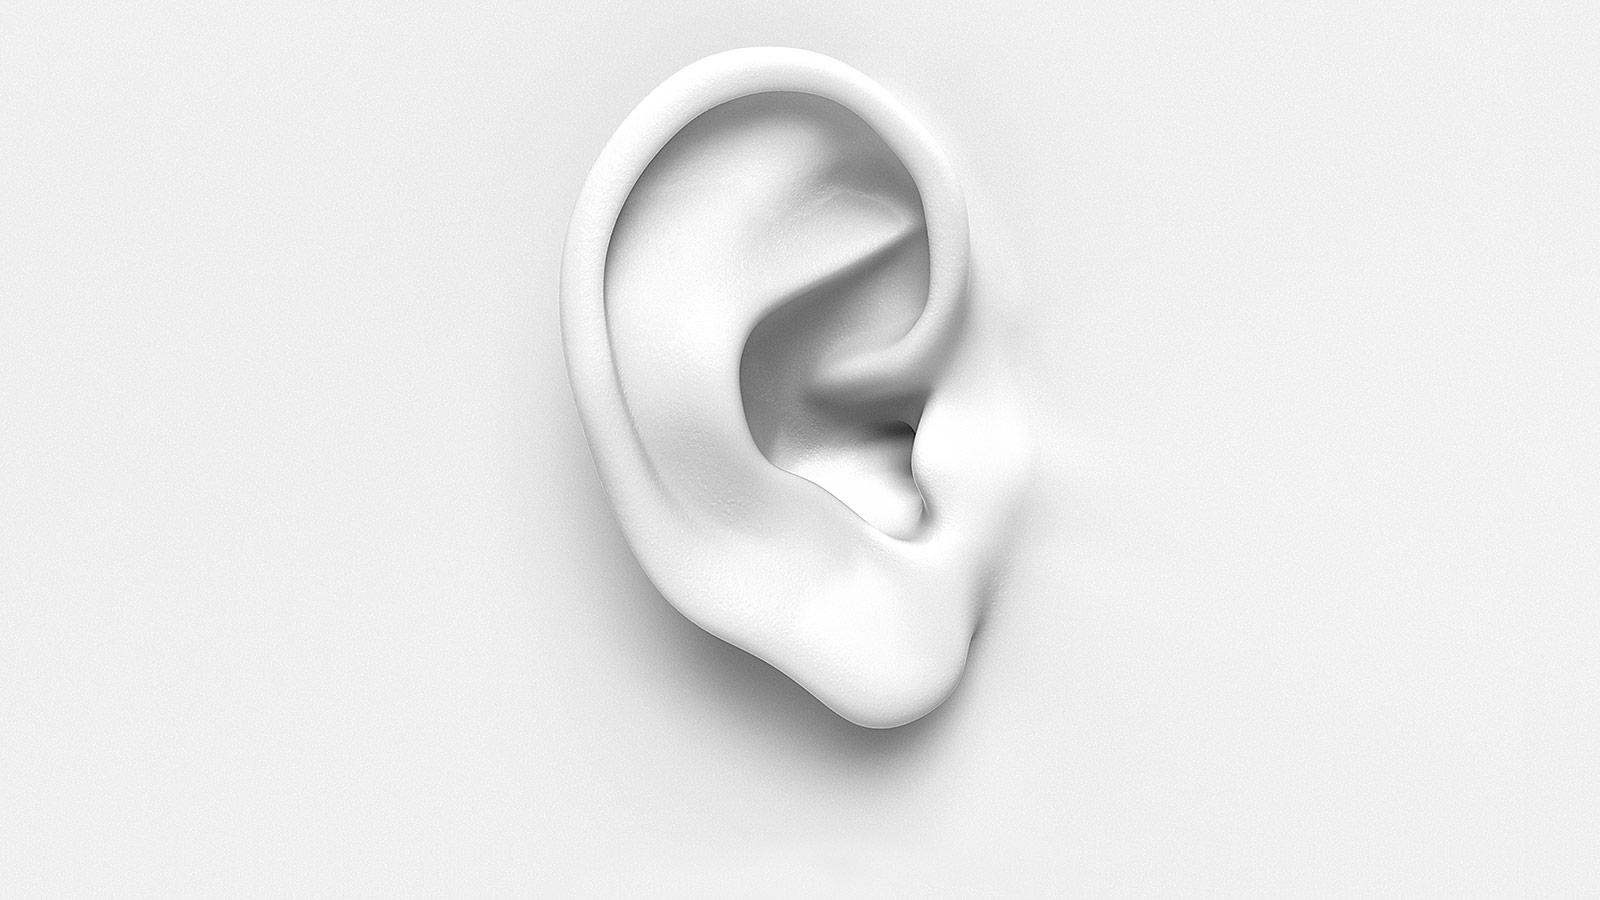 Bild Ohr: Gutes Design enthält die Gedanken guter Worte